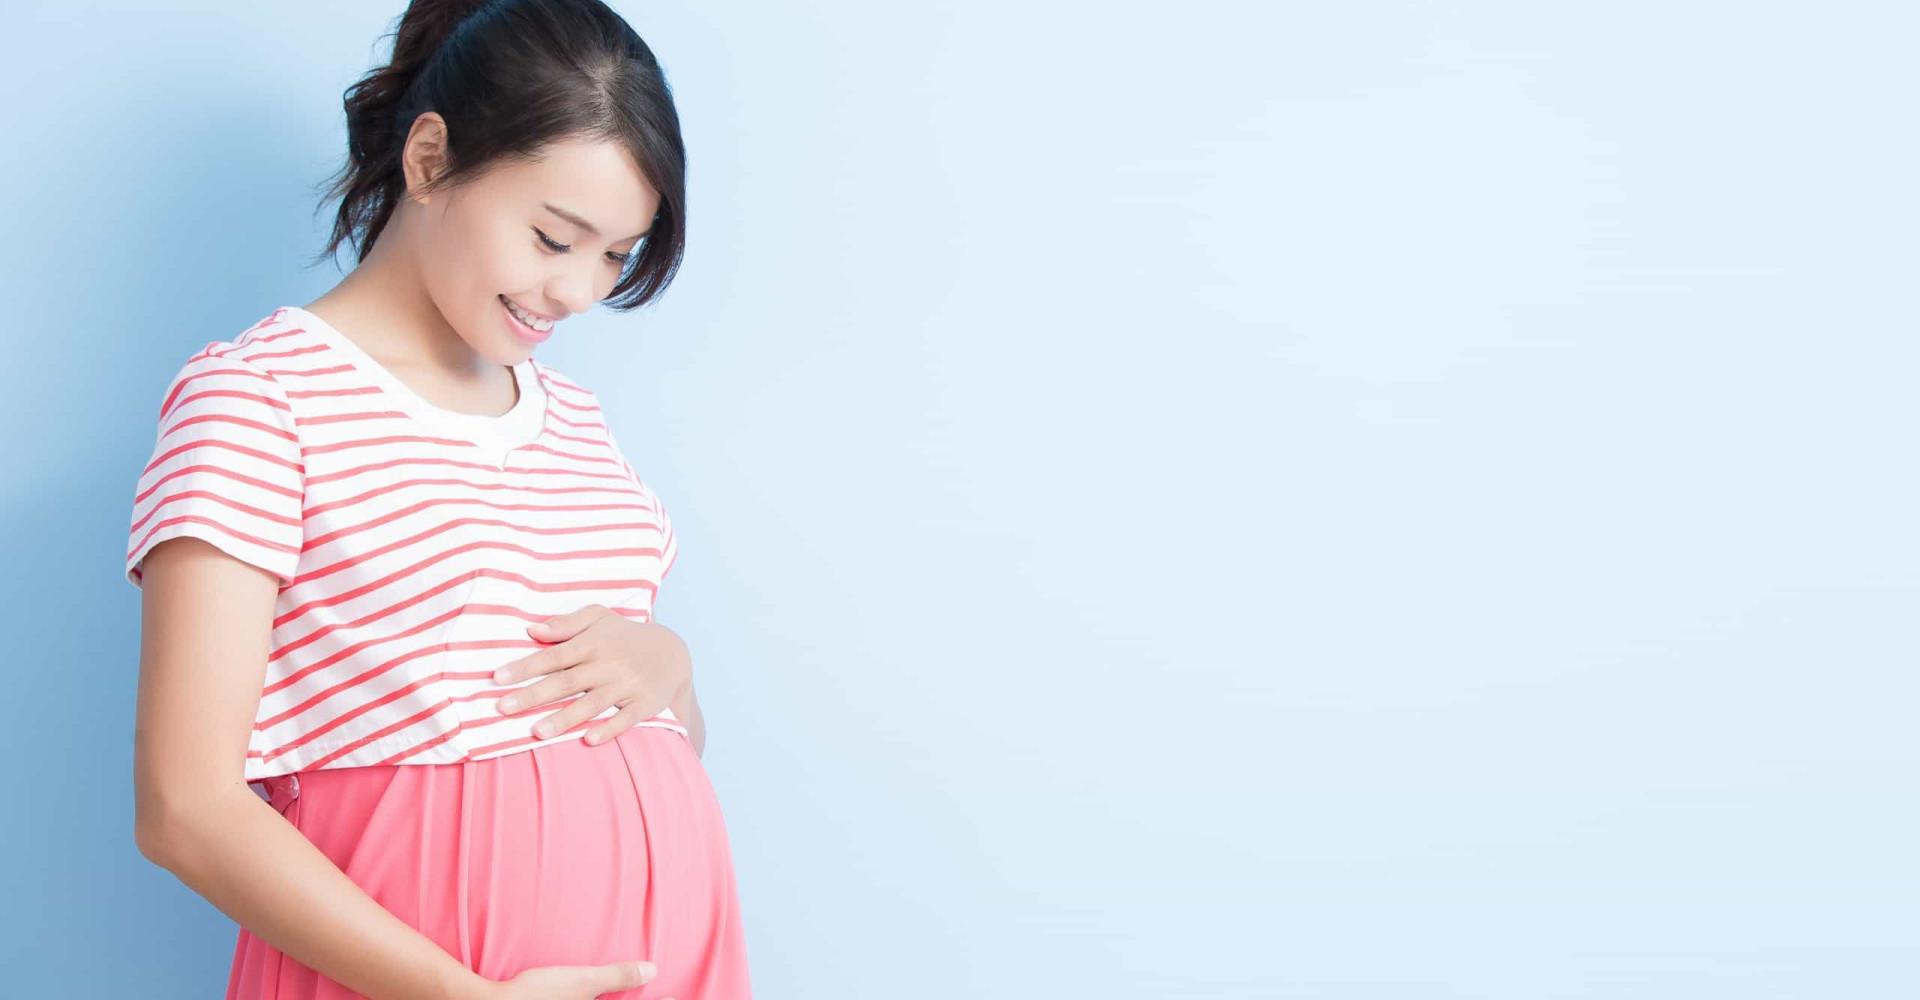 매우 중요! 임신했을 때 주의해야 하는 60가지